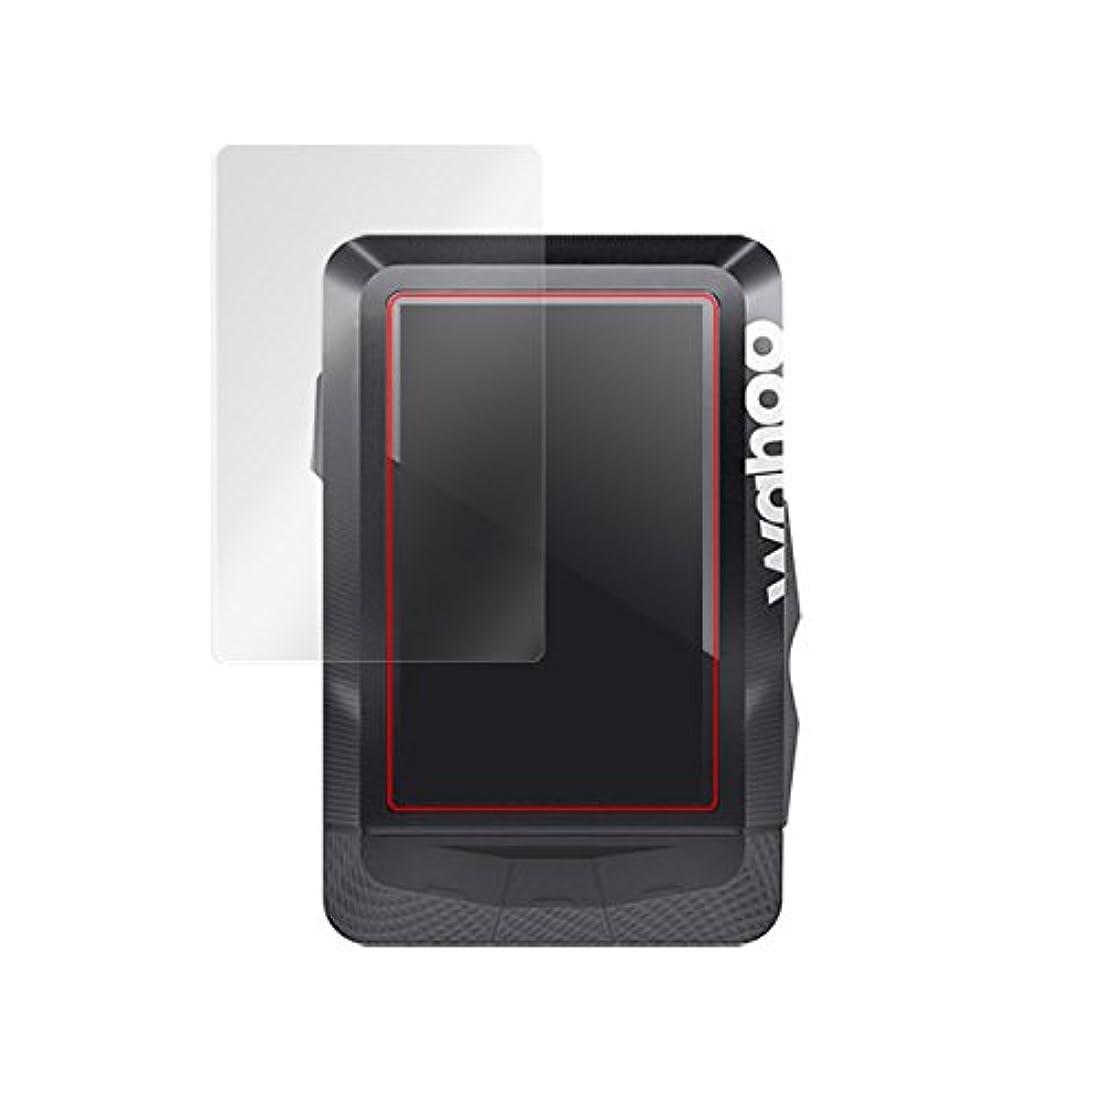 許さないテナント電卓日本製 指紋が目立たない 傷修復液晶保護フィルム Wahoo ELEMENT GPS BIKE COMPUTER 用 OverLay Magic OMWAHOOELEMENT/12